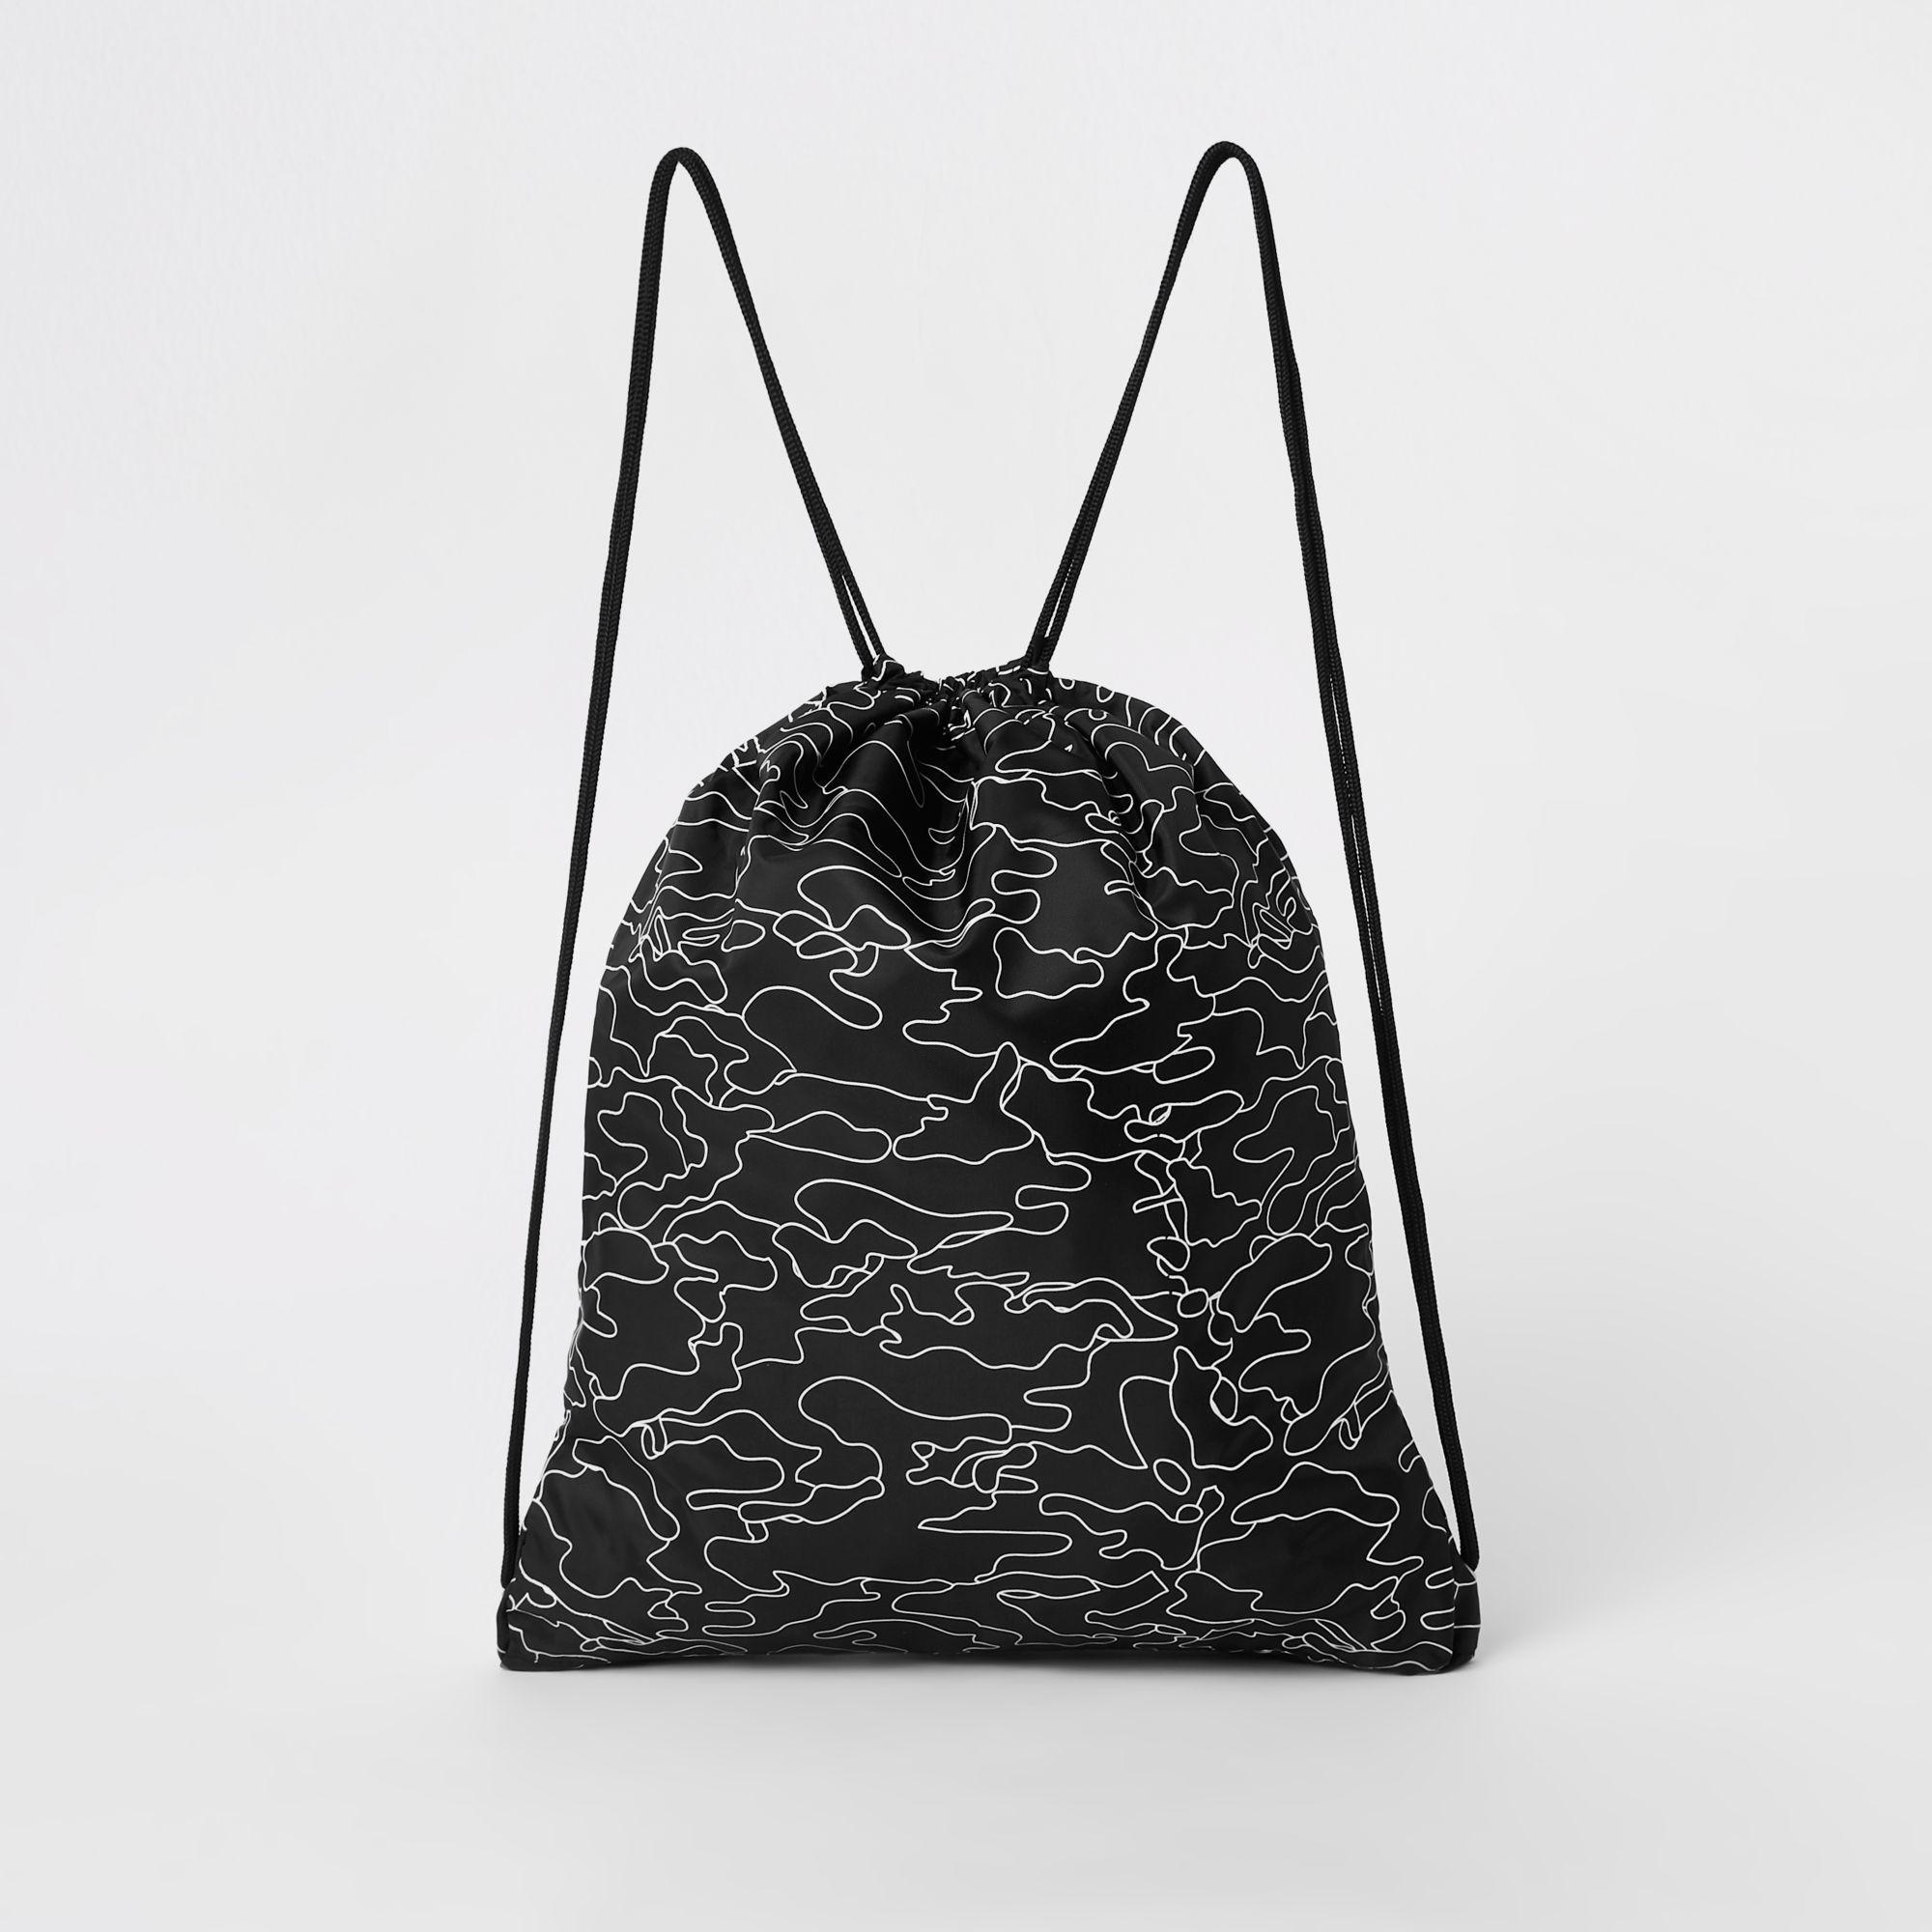 ... Hype Black Logo Print Drawstring Bag for Men - Lyst. View fullscreen e8942fddaa4cd